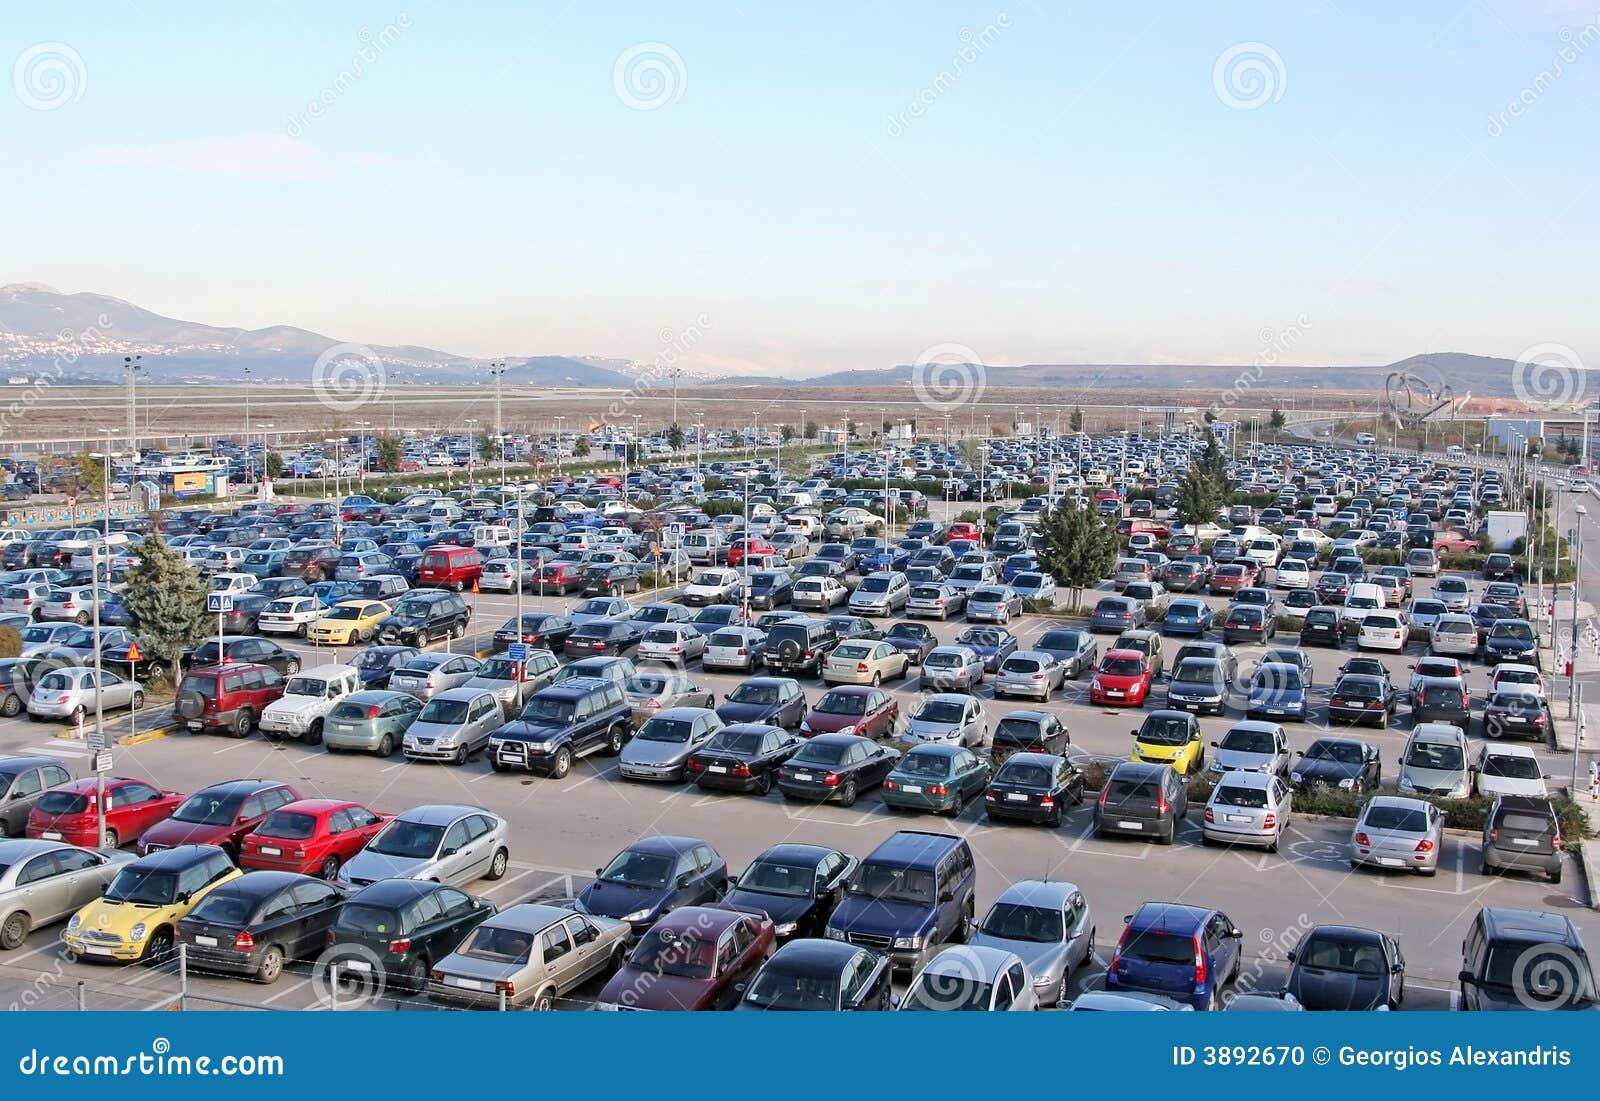 Parkplatz voll Autos